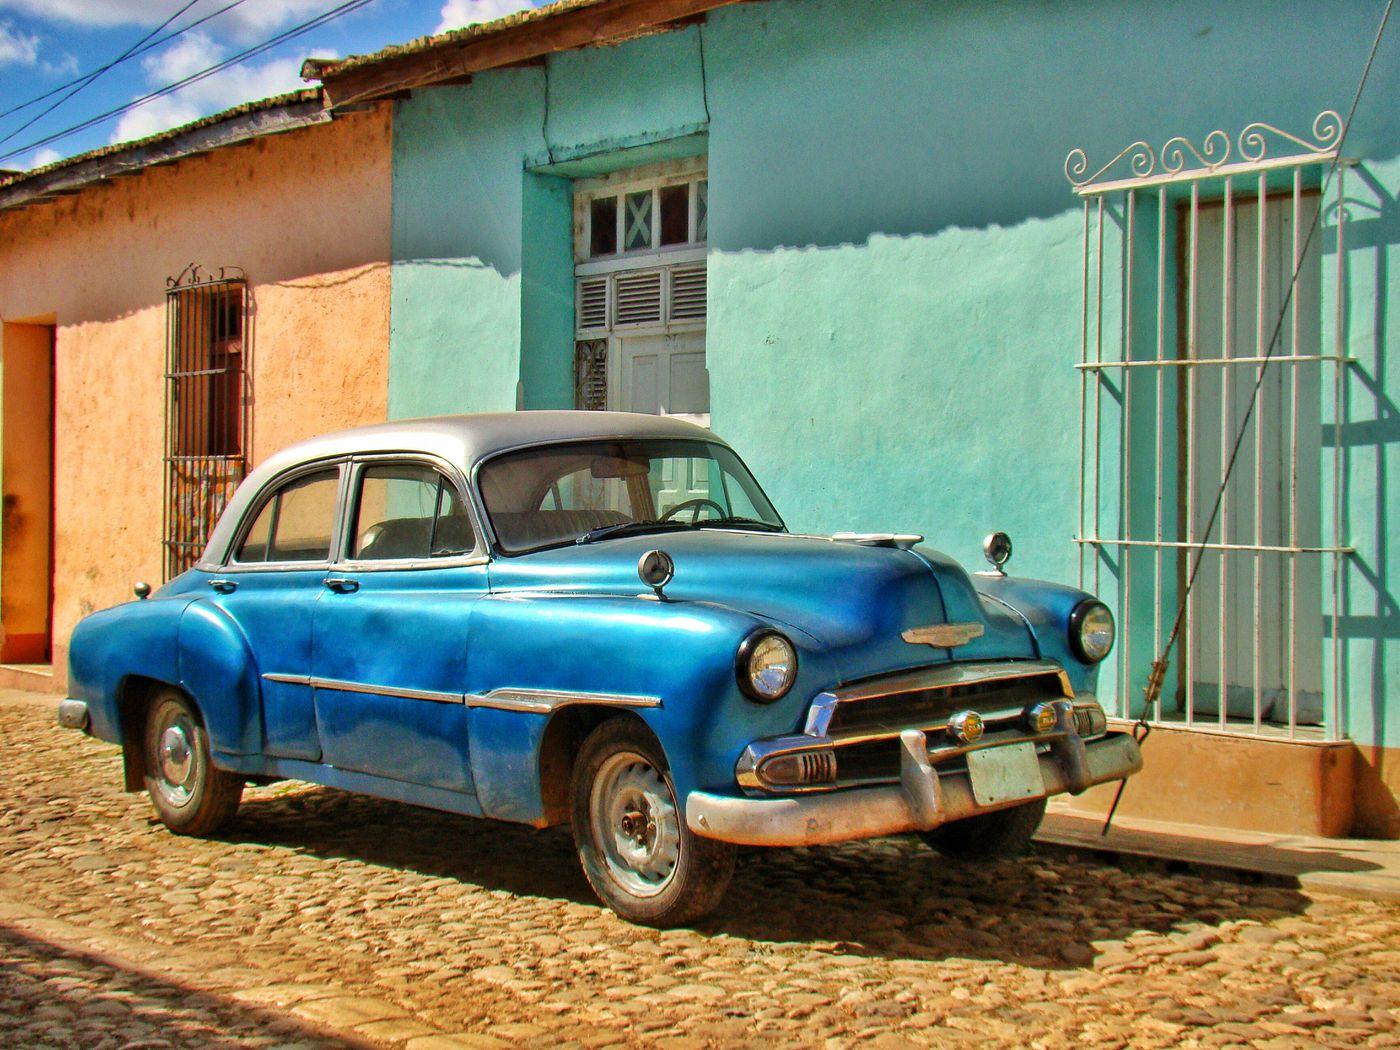 честно говоря, кубинские автомобили фото картинкой